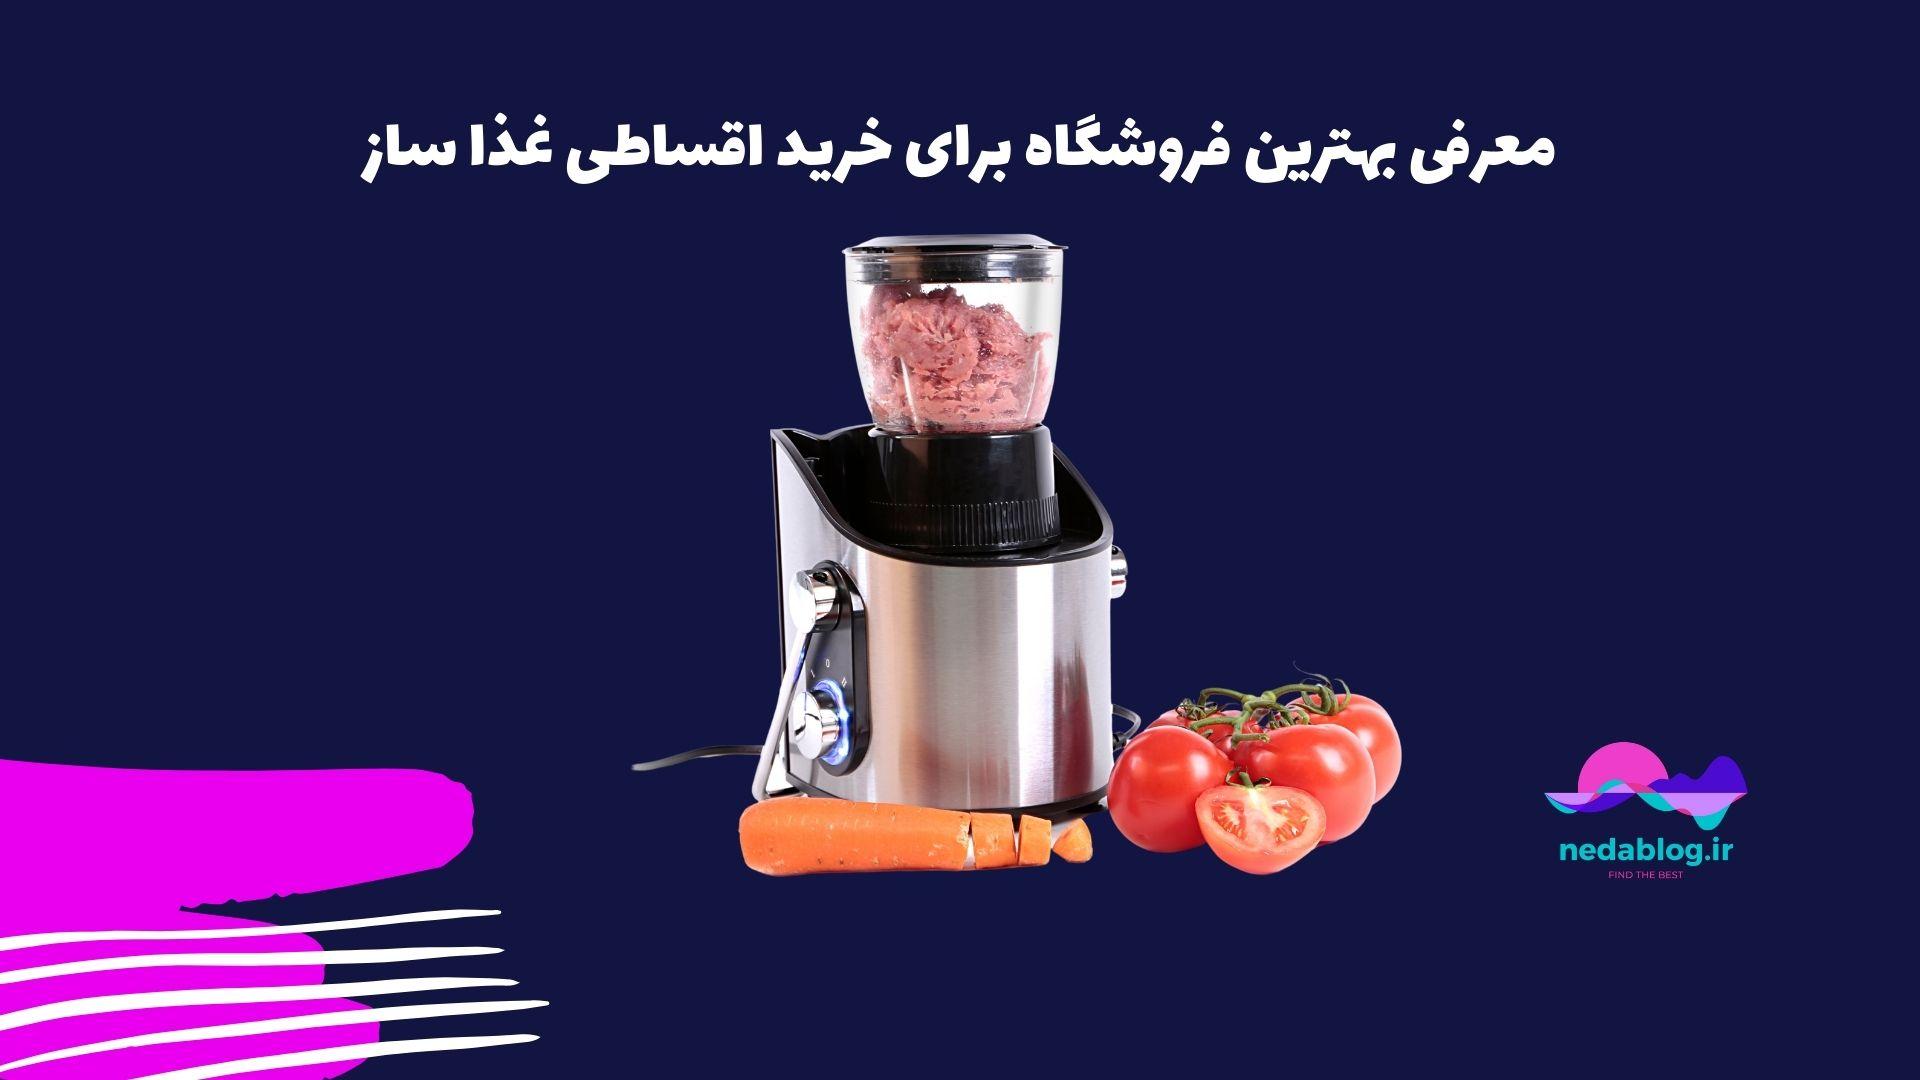 معرفی بهترین فروشگاه برای خرید اقساطی غذا ساز